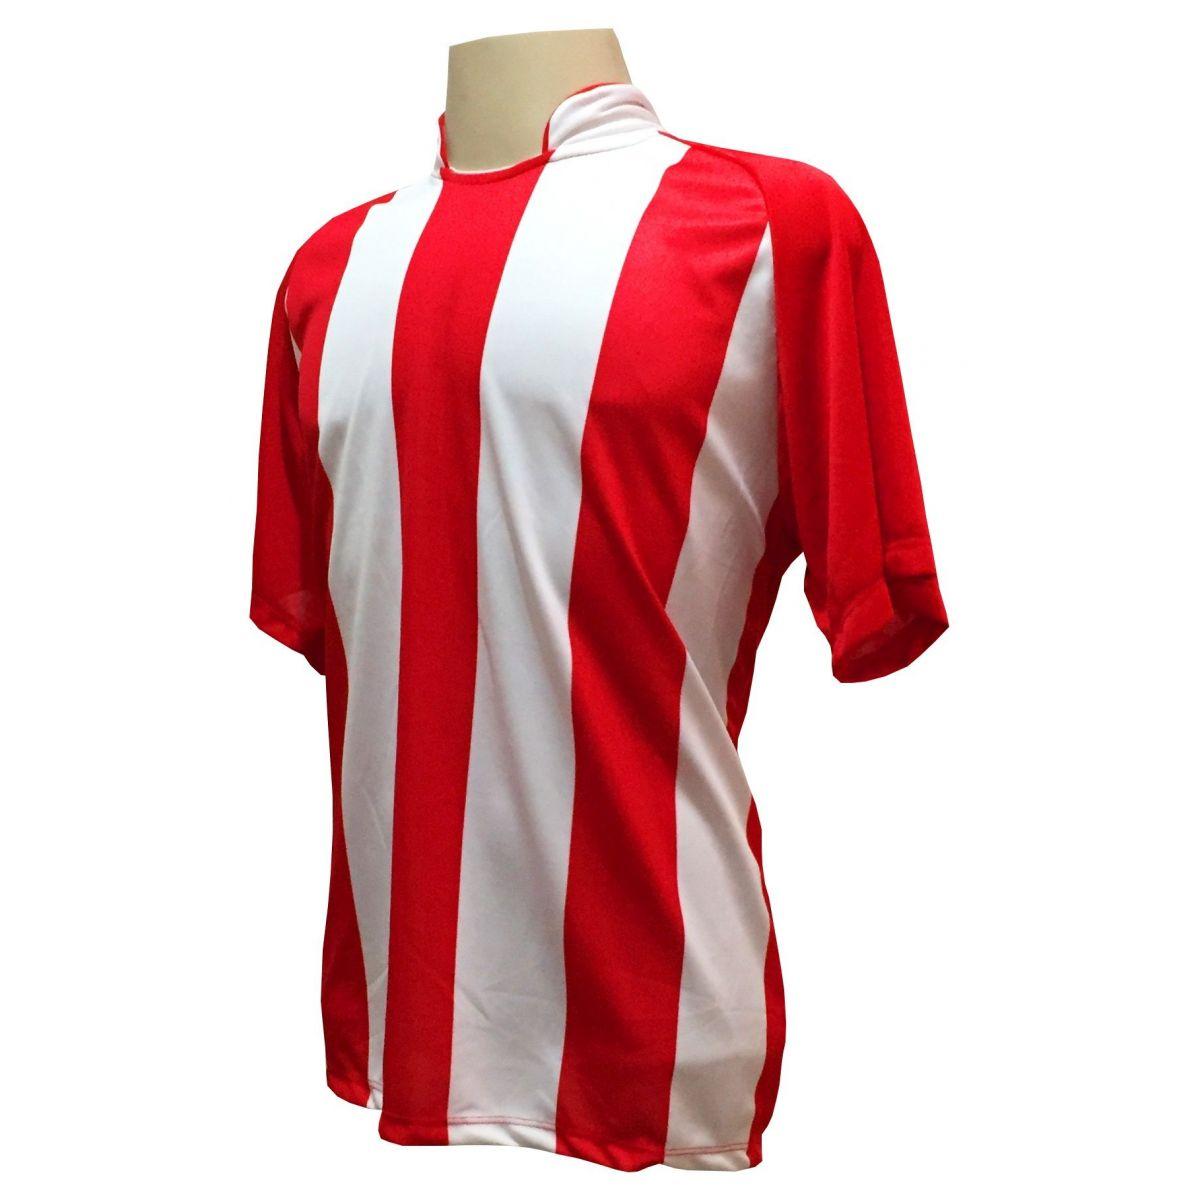 Fardamento Completo modelo Milan 20+1 (20 camisas Vermelho/Branco + 20 calções modelo Copa Vermelho/Branco + 20 pares de meiões Branco + 1 conjunto de goleiro) + Brindes